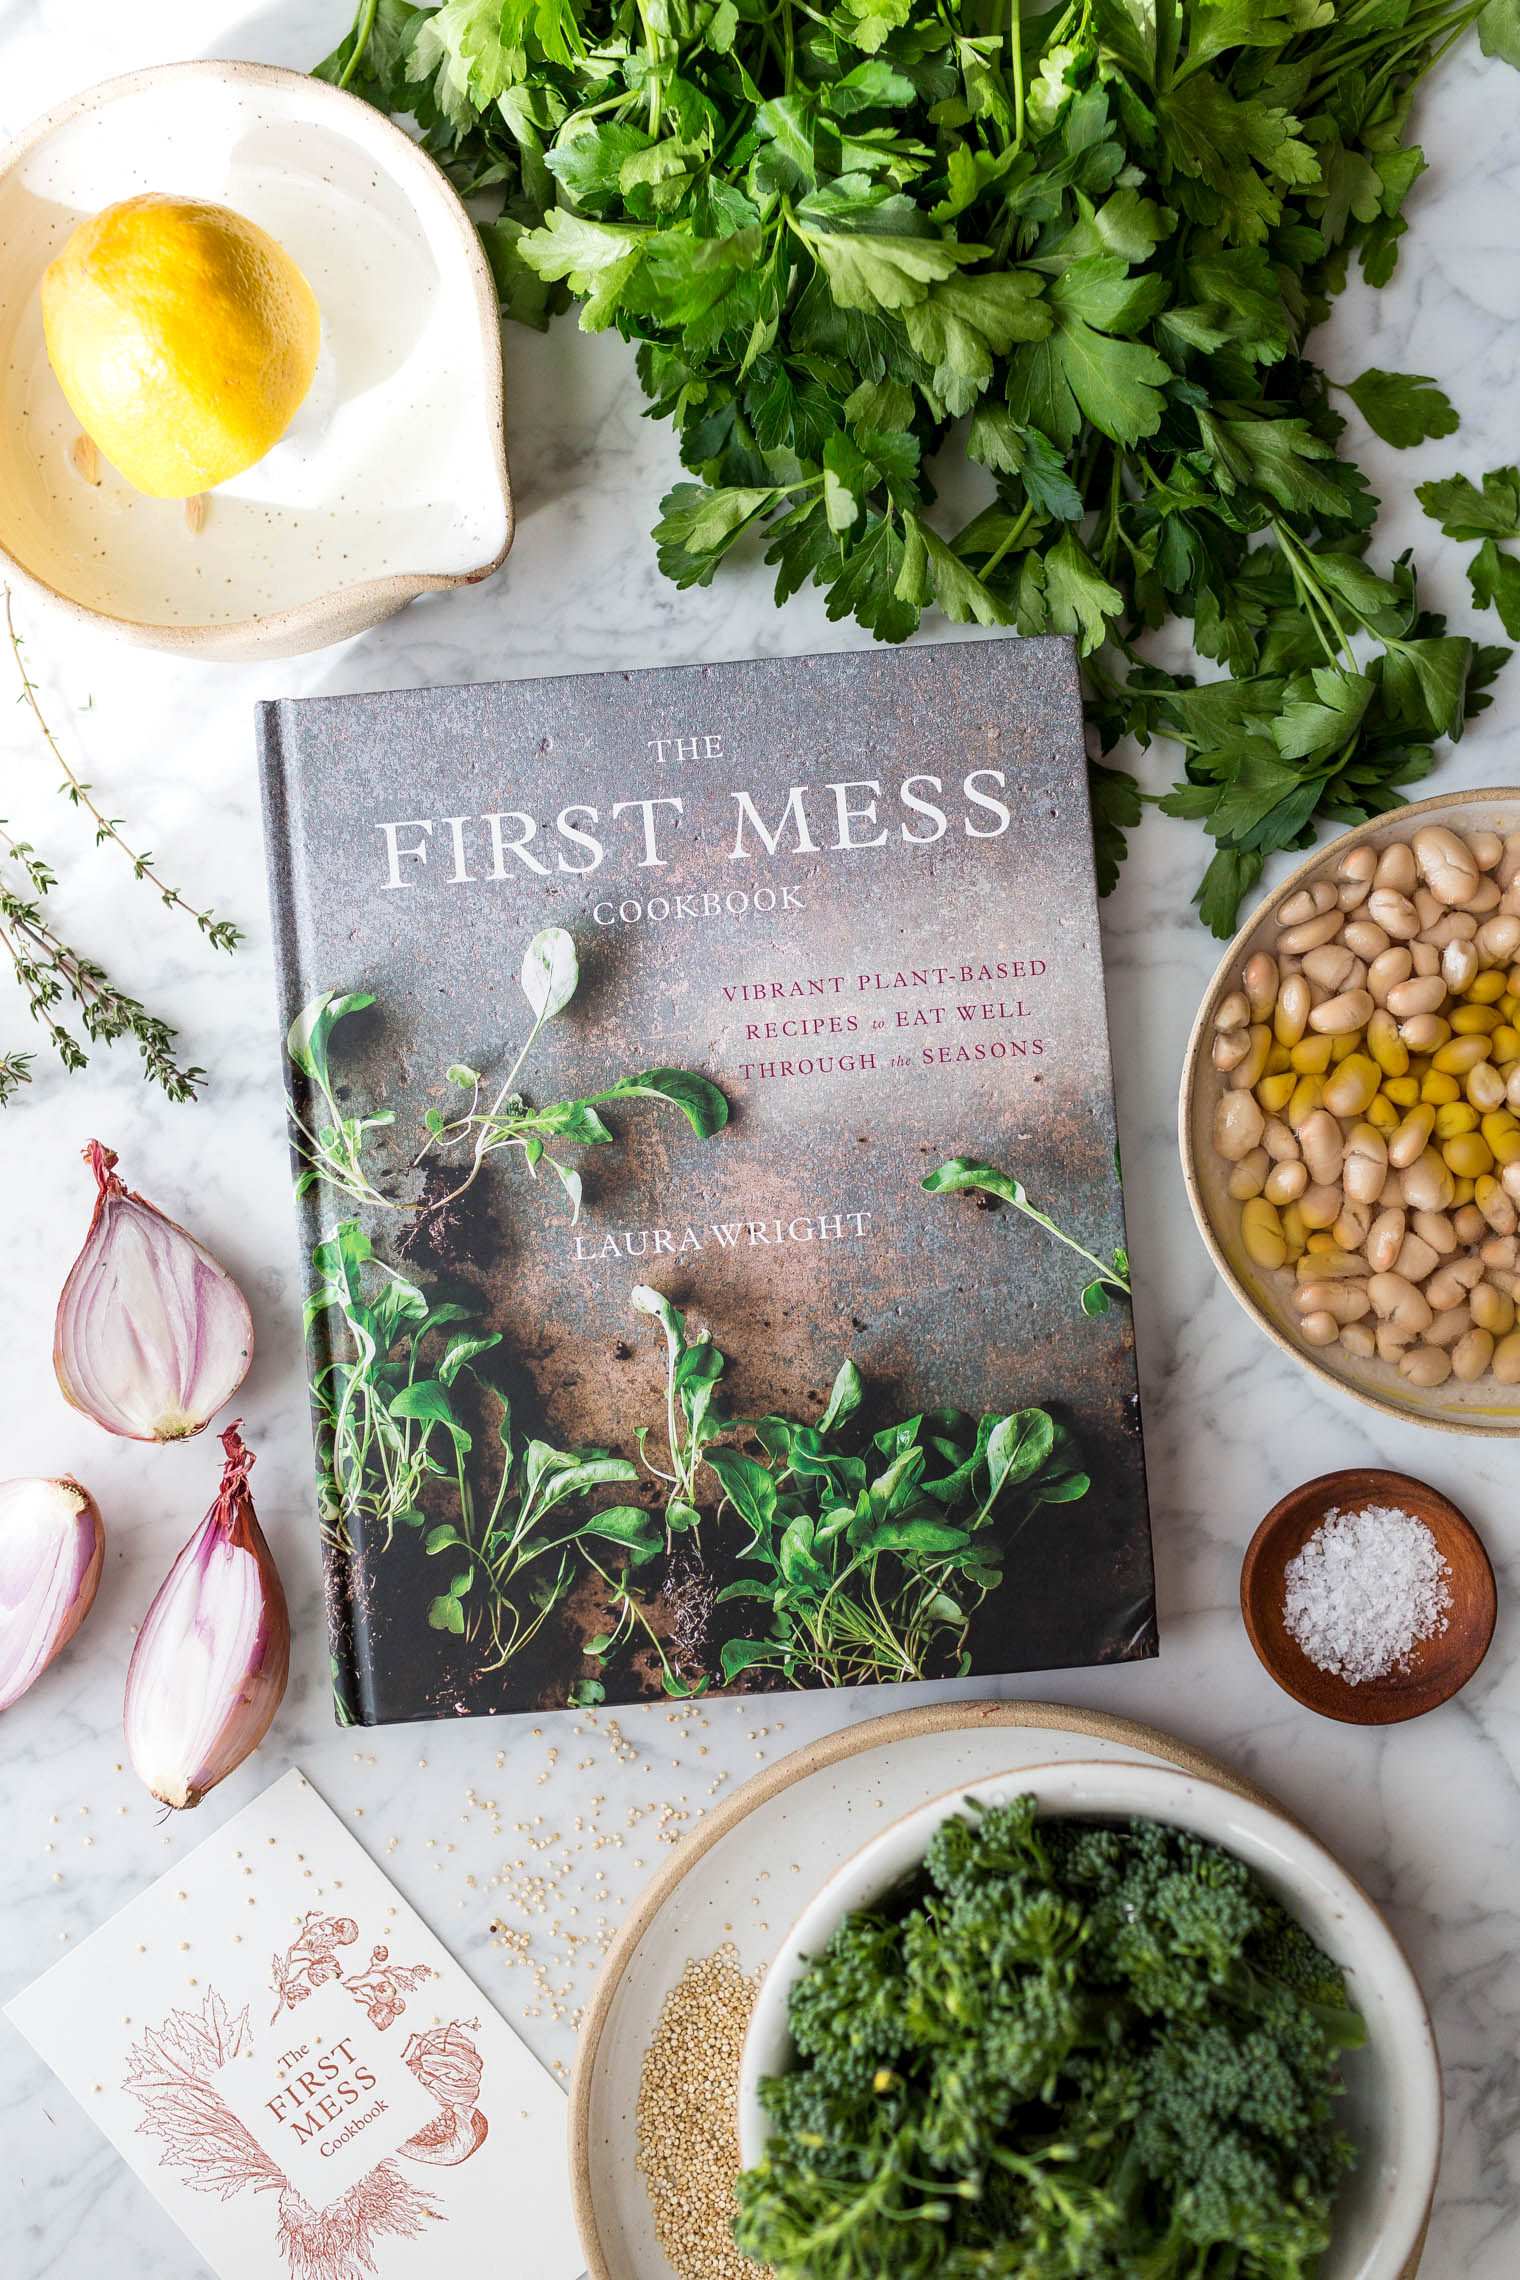 Creamy Quinoa and White Bean Risotto with Crispy Brassica Florets